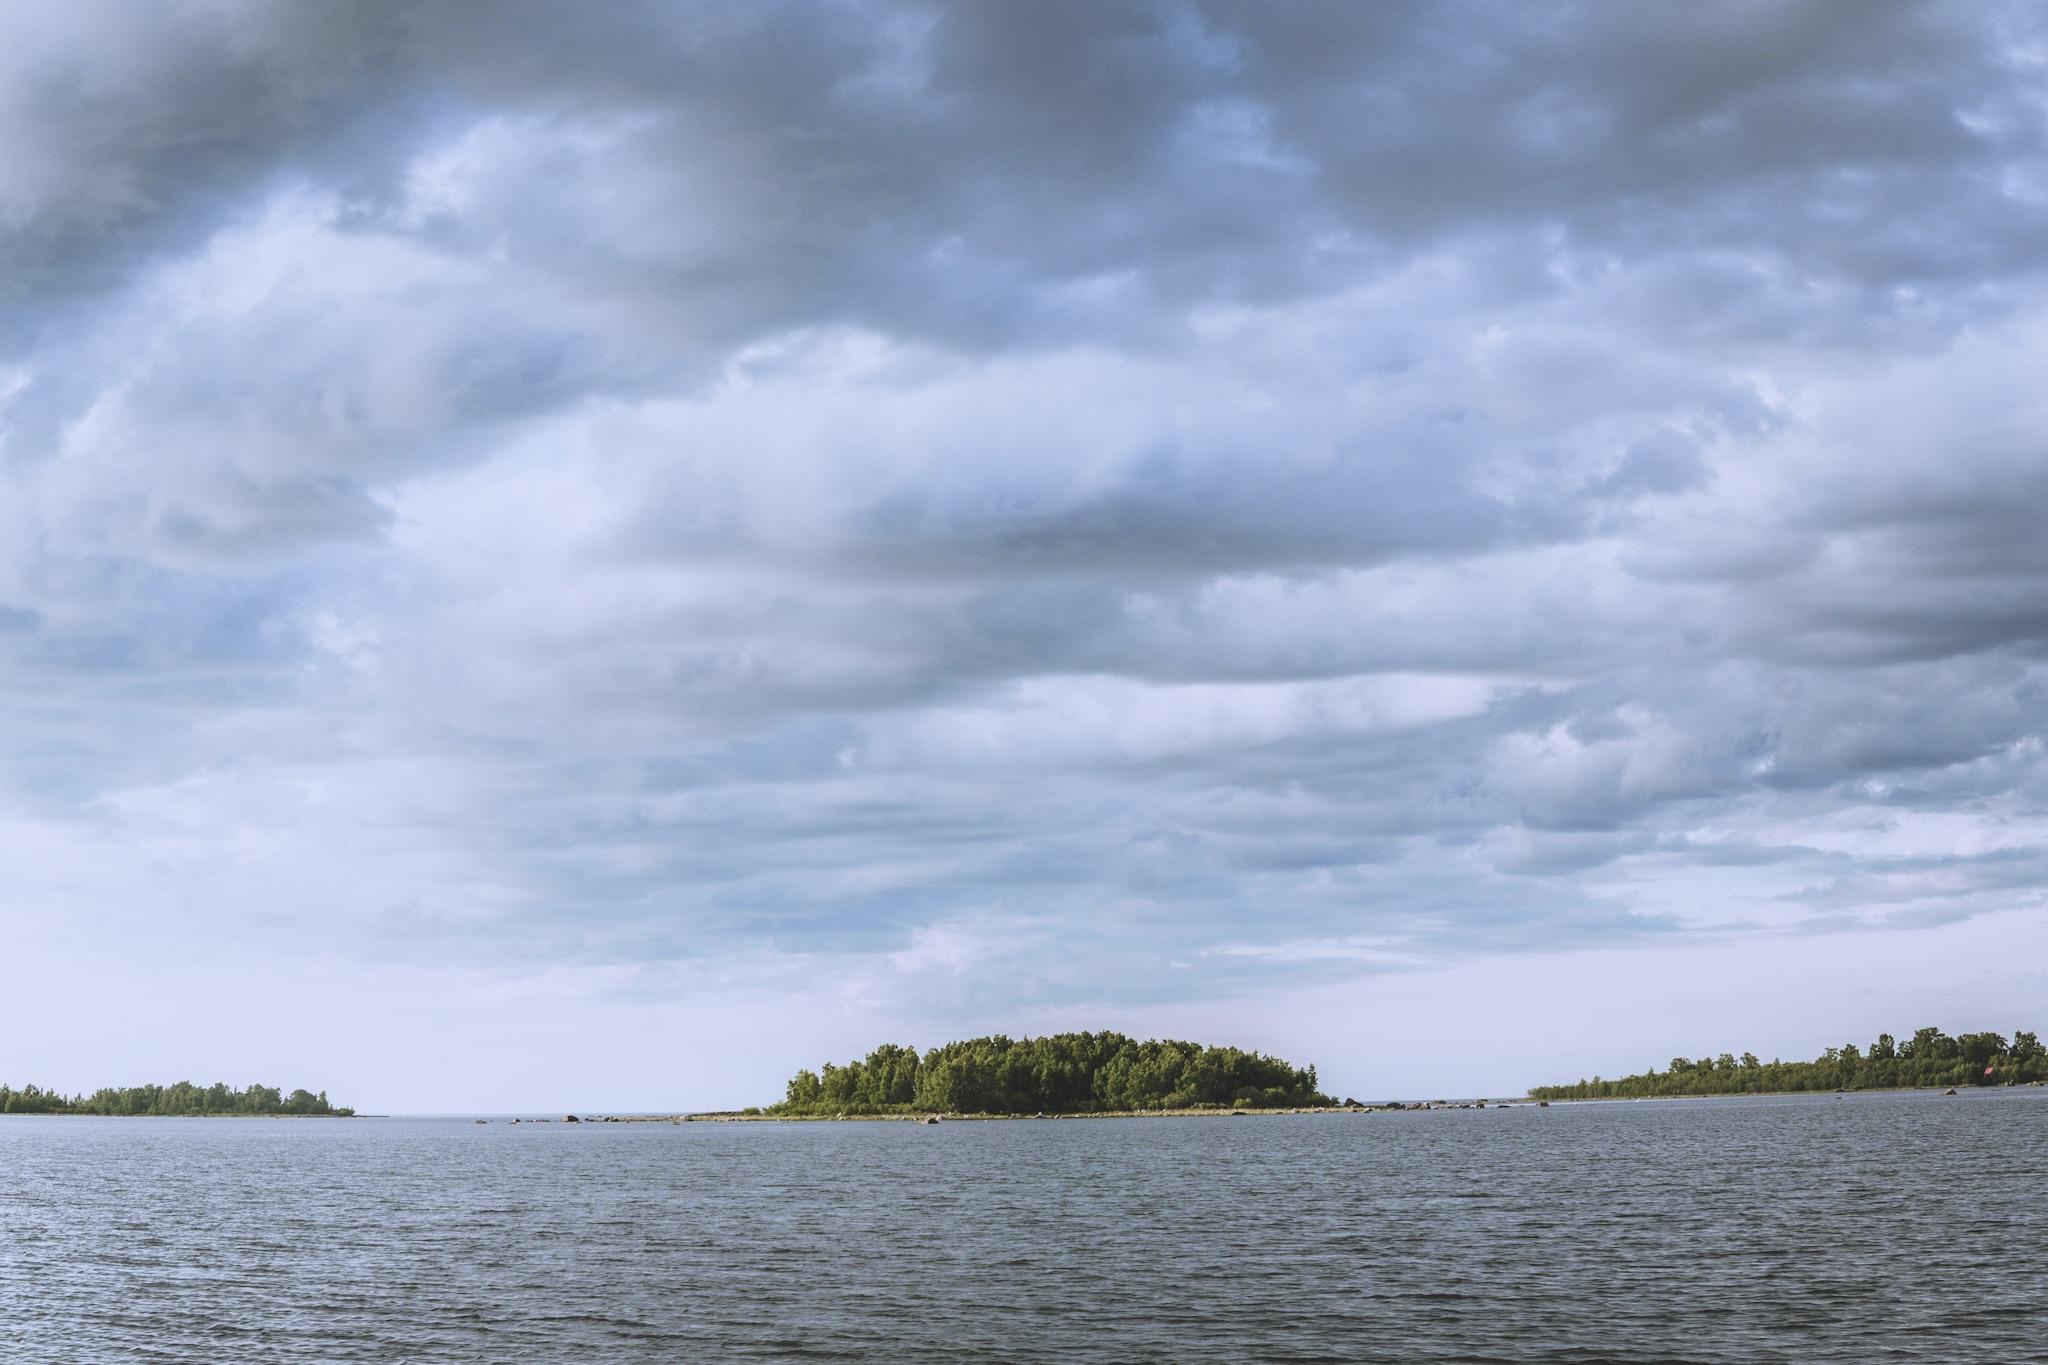 Saarimaisemia Rahjan saariston edustalta. Tästä oli enää noin tunnin melonta perille.